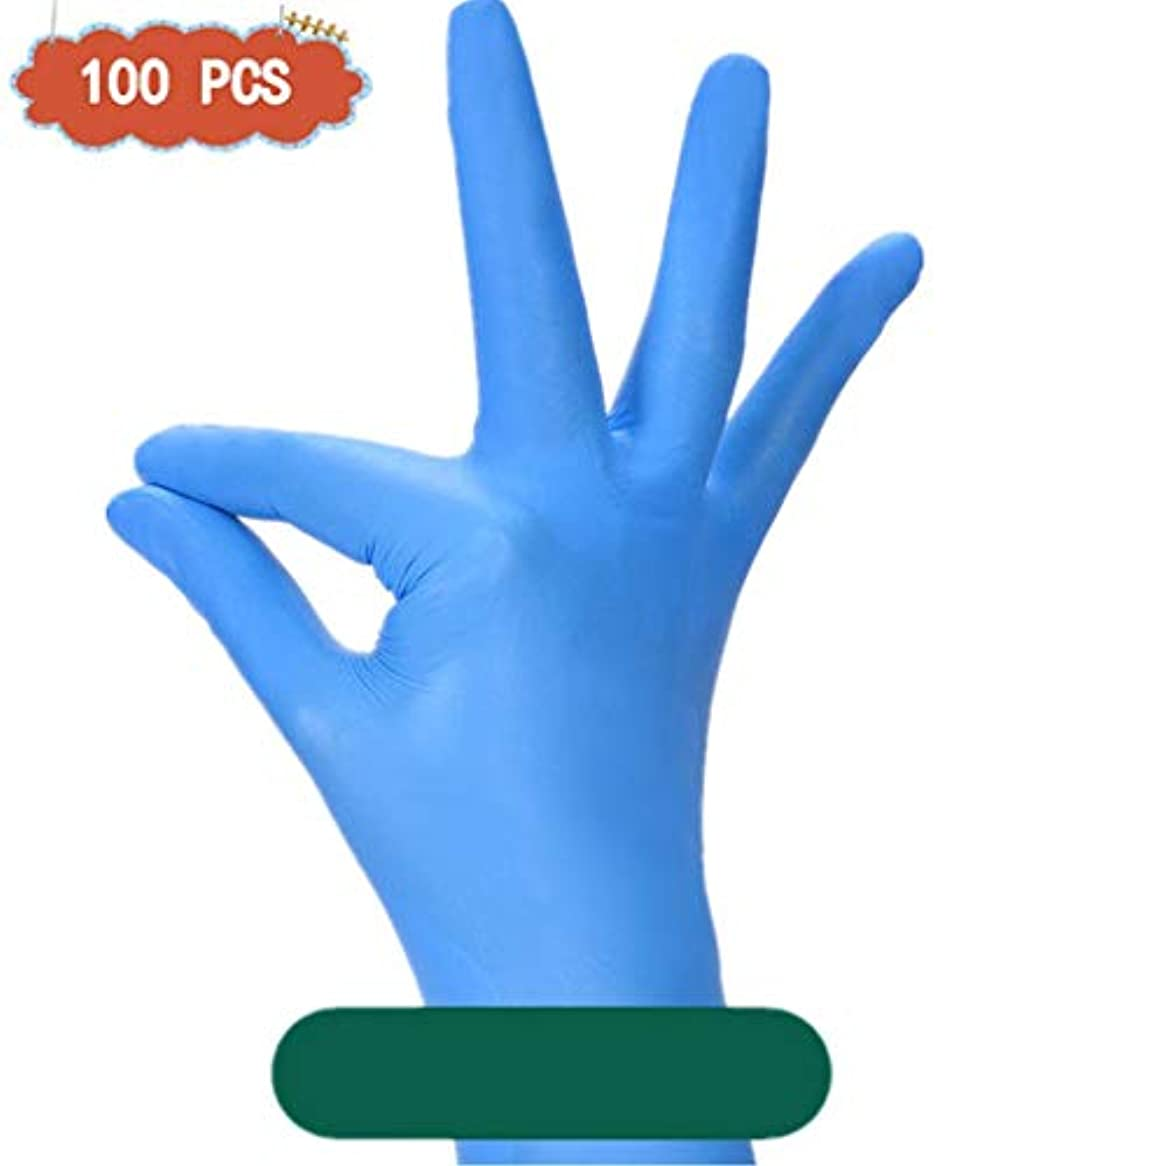 フィット雄弁白菜ニトリル手袋、12インチの食器洗い用滑り止め防水ゴムと長い厚い使い捨て手袋ペットケアネイルアート検査保護実験、美容院ラテックスフリー、100個 (Size : L)